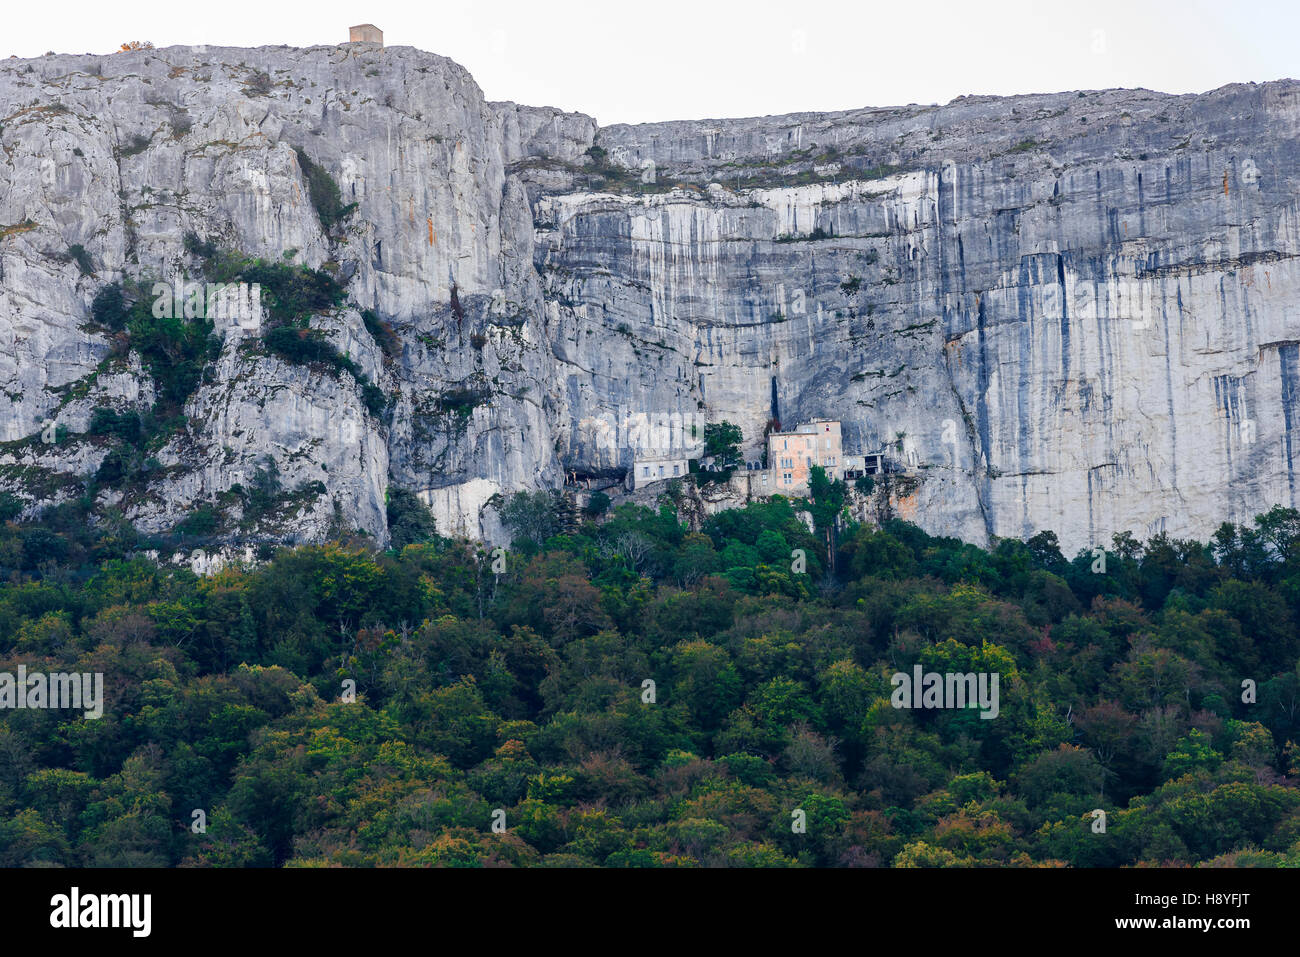 Montagne et monastere de la st baume Massif de la Sainte Baume, var france 83 - Stock Image